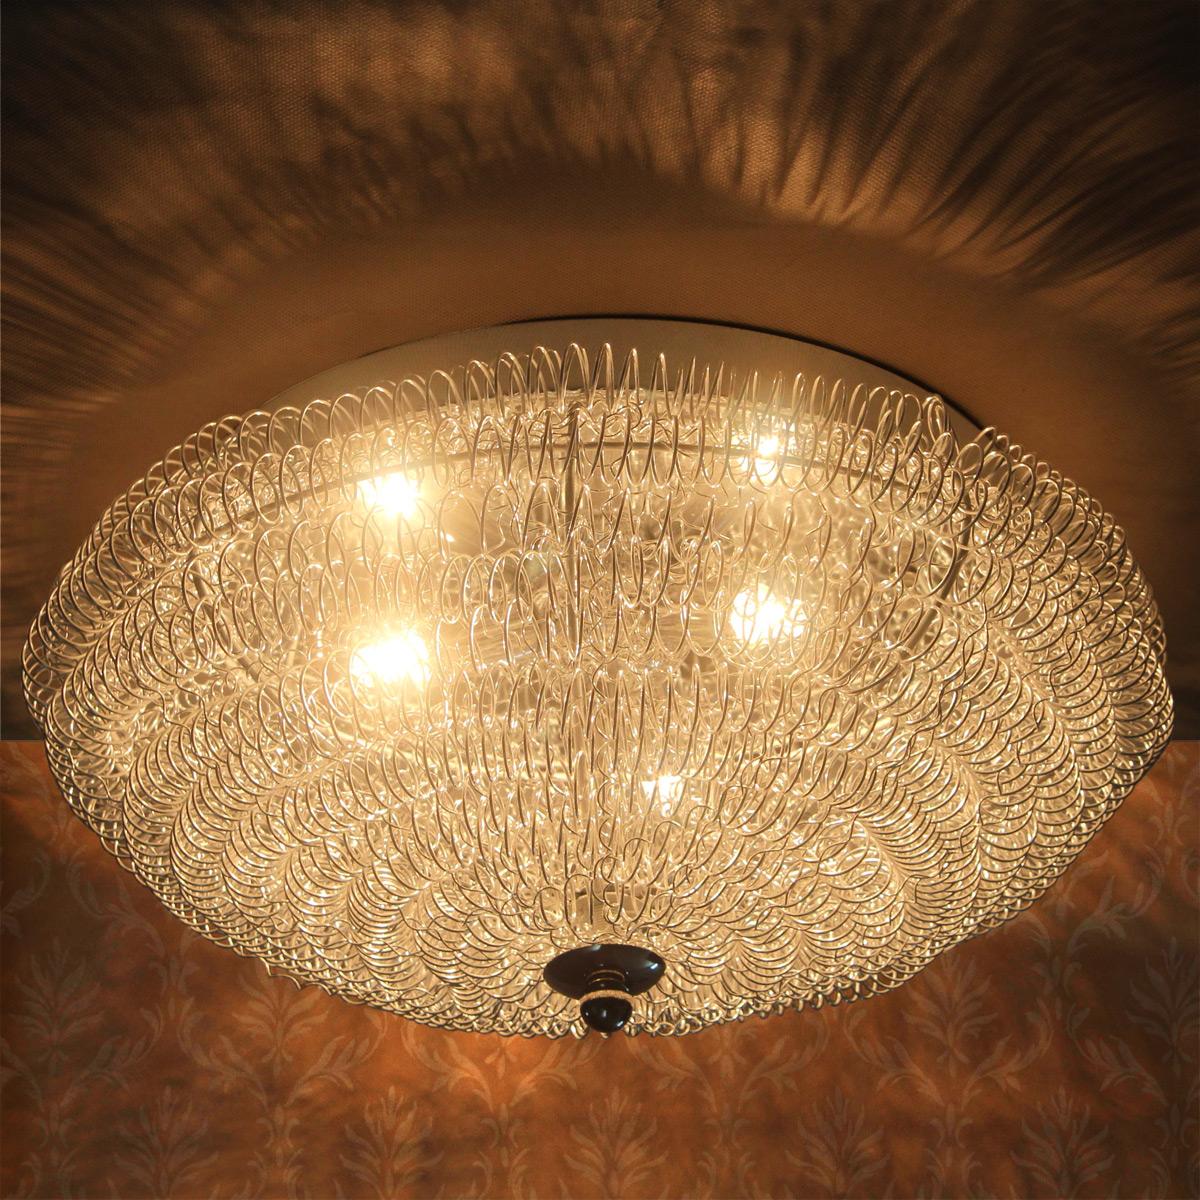 Lux Pro Deckenleuchte Deckenlampe Lampe Leuchte Mesh Kristall